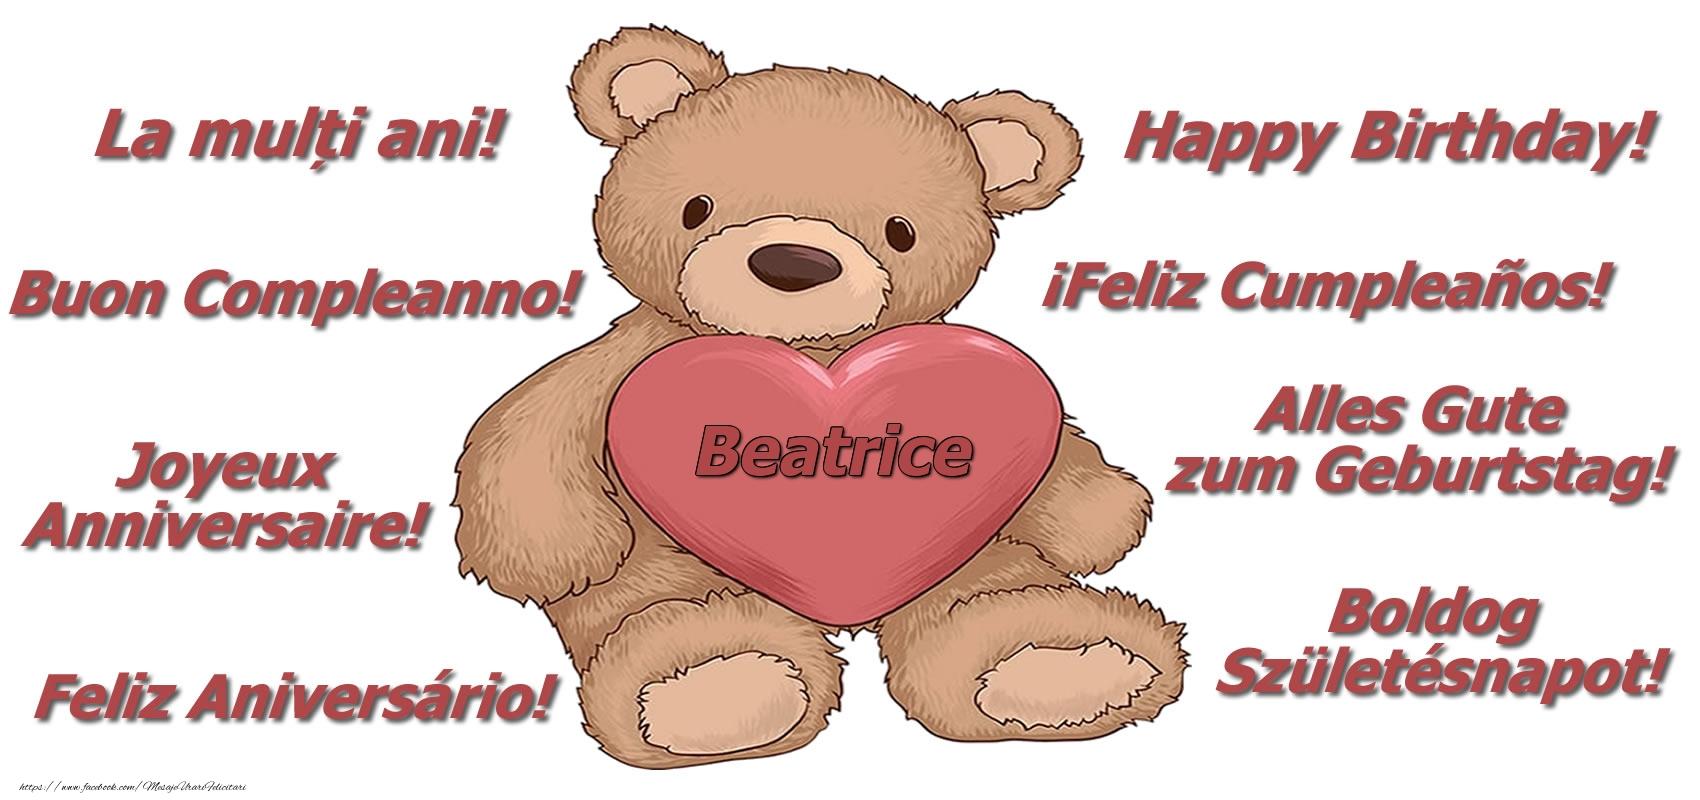 Felicitari de zi de nastere - La multi ani Beatrice! - Ursulet